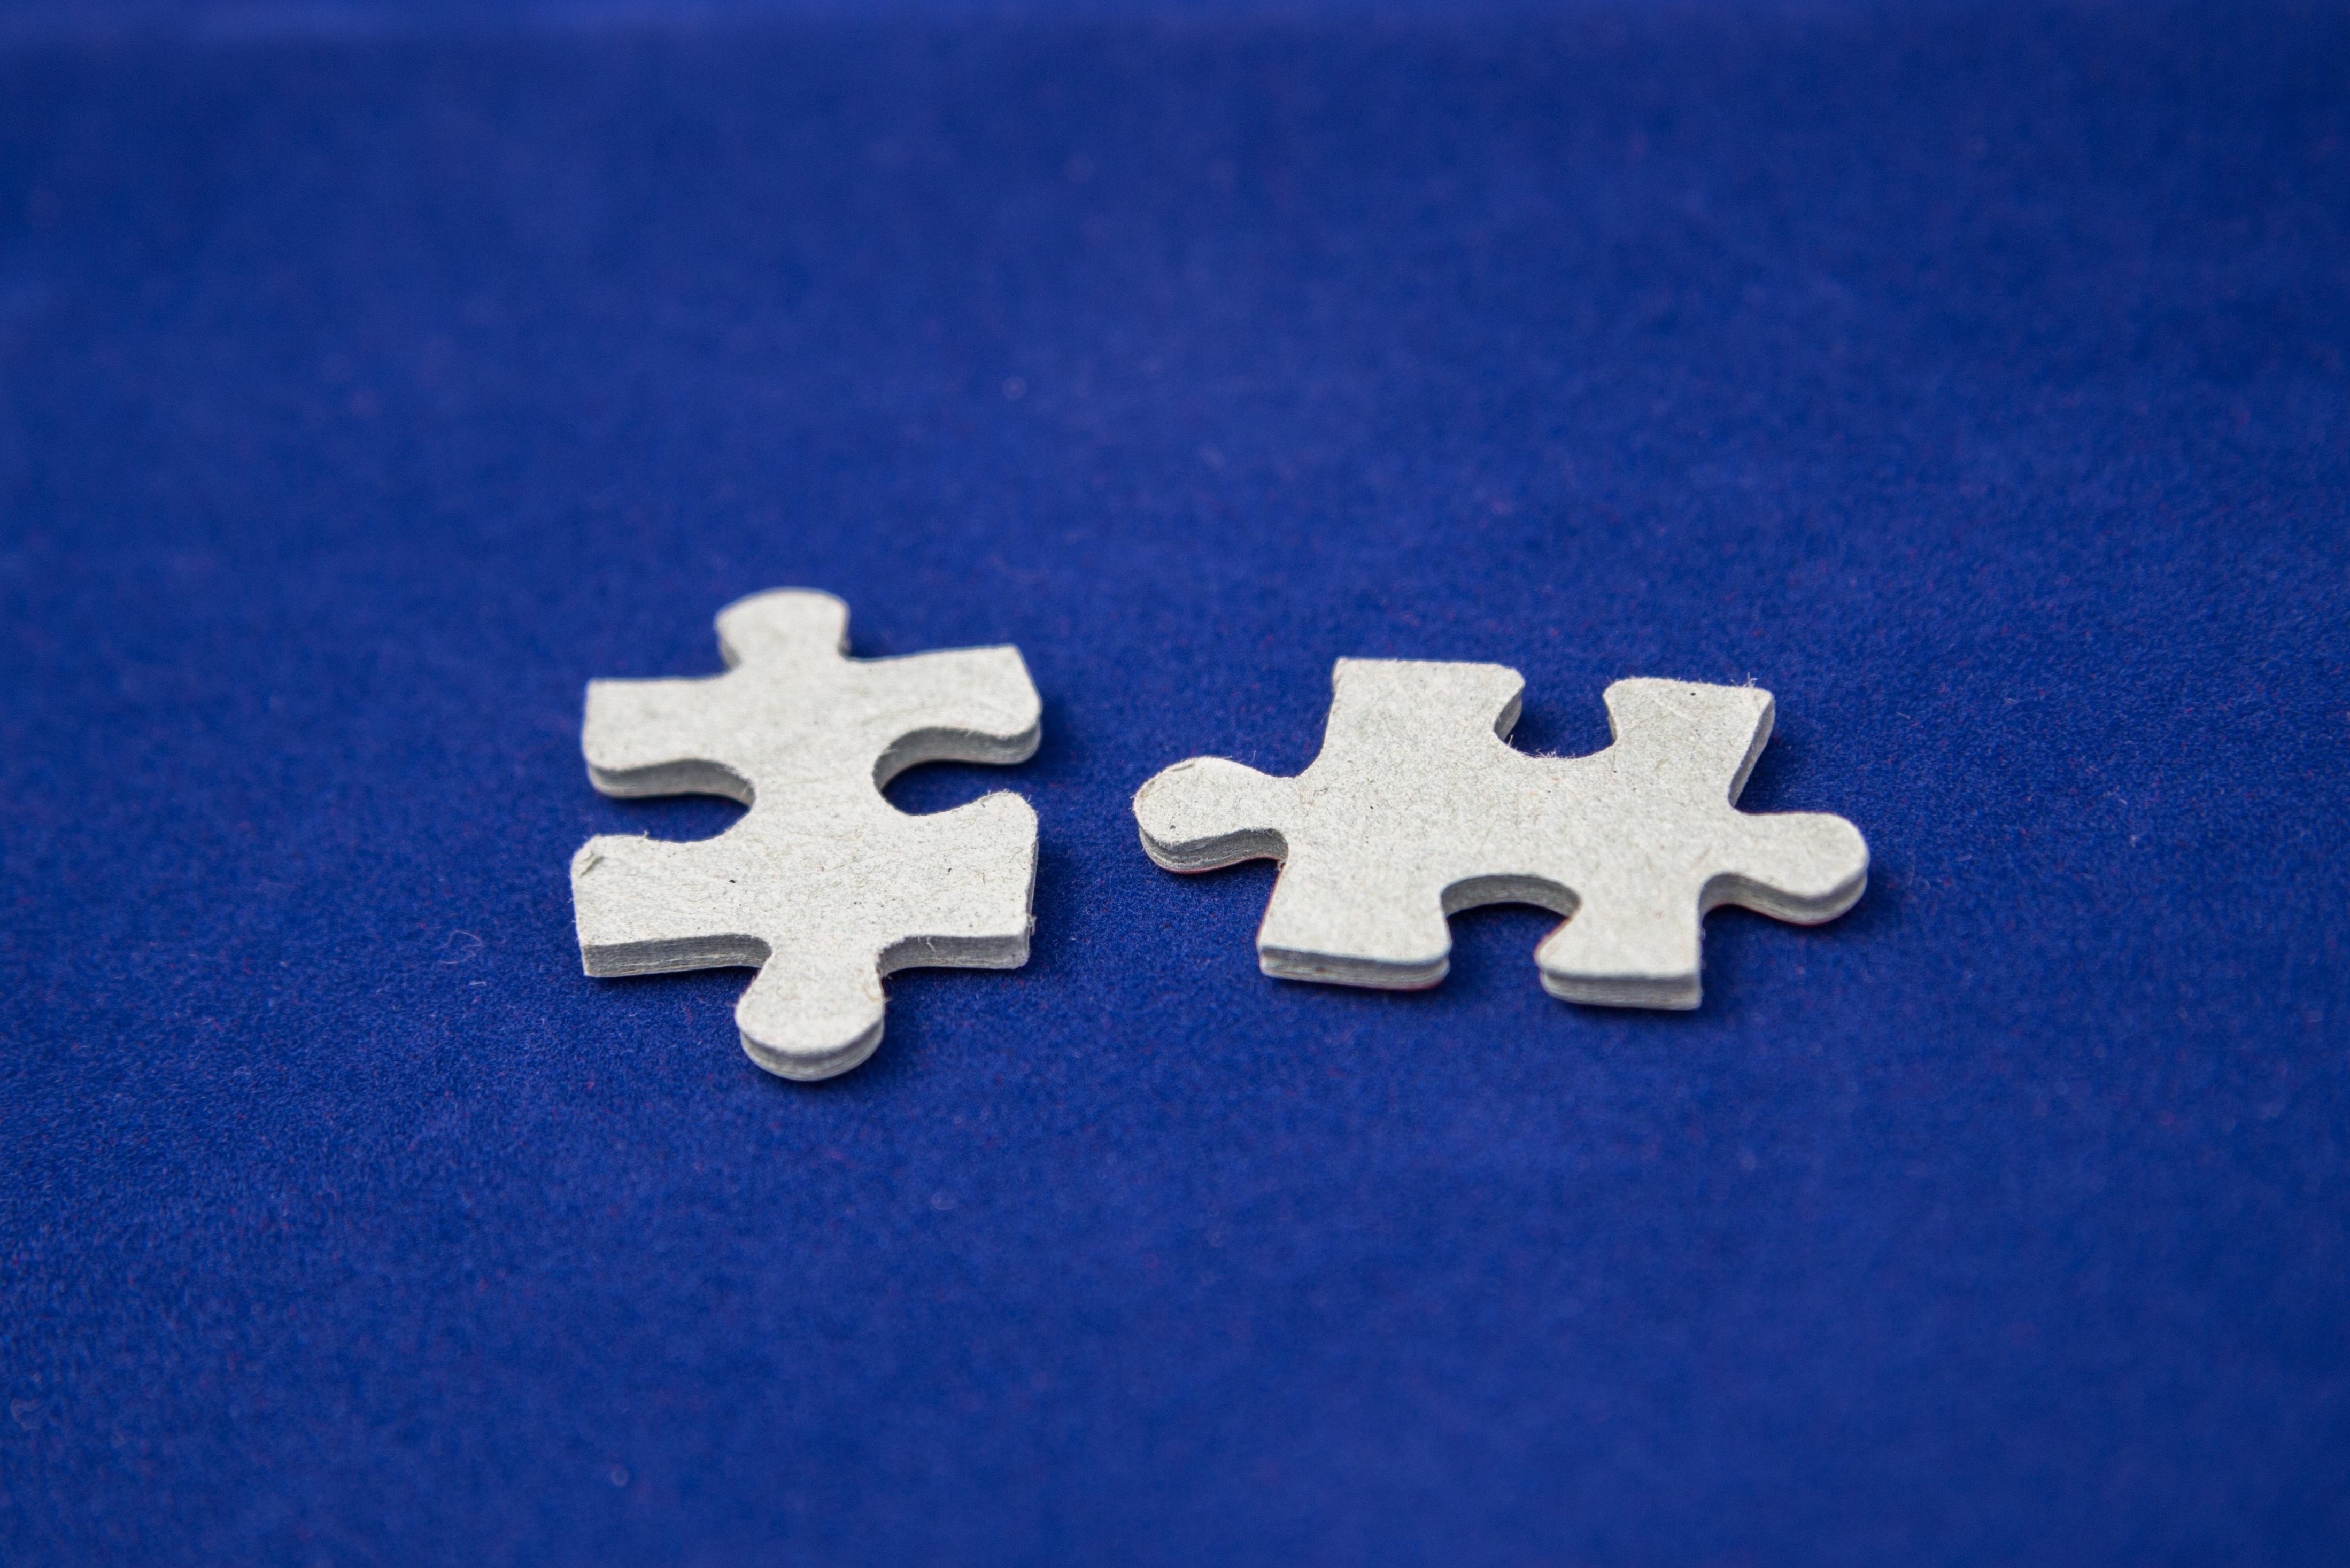 puzzle-1816473